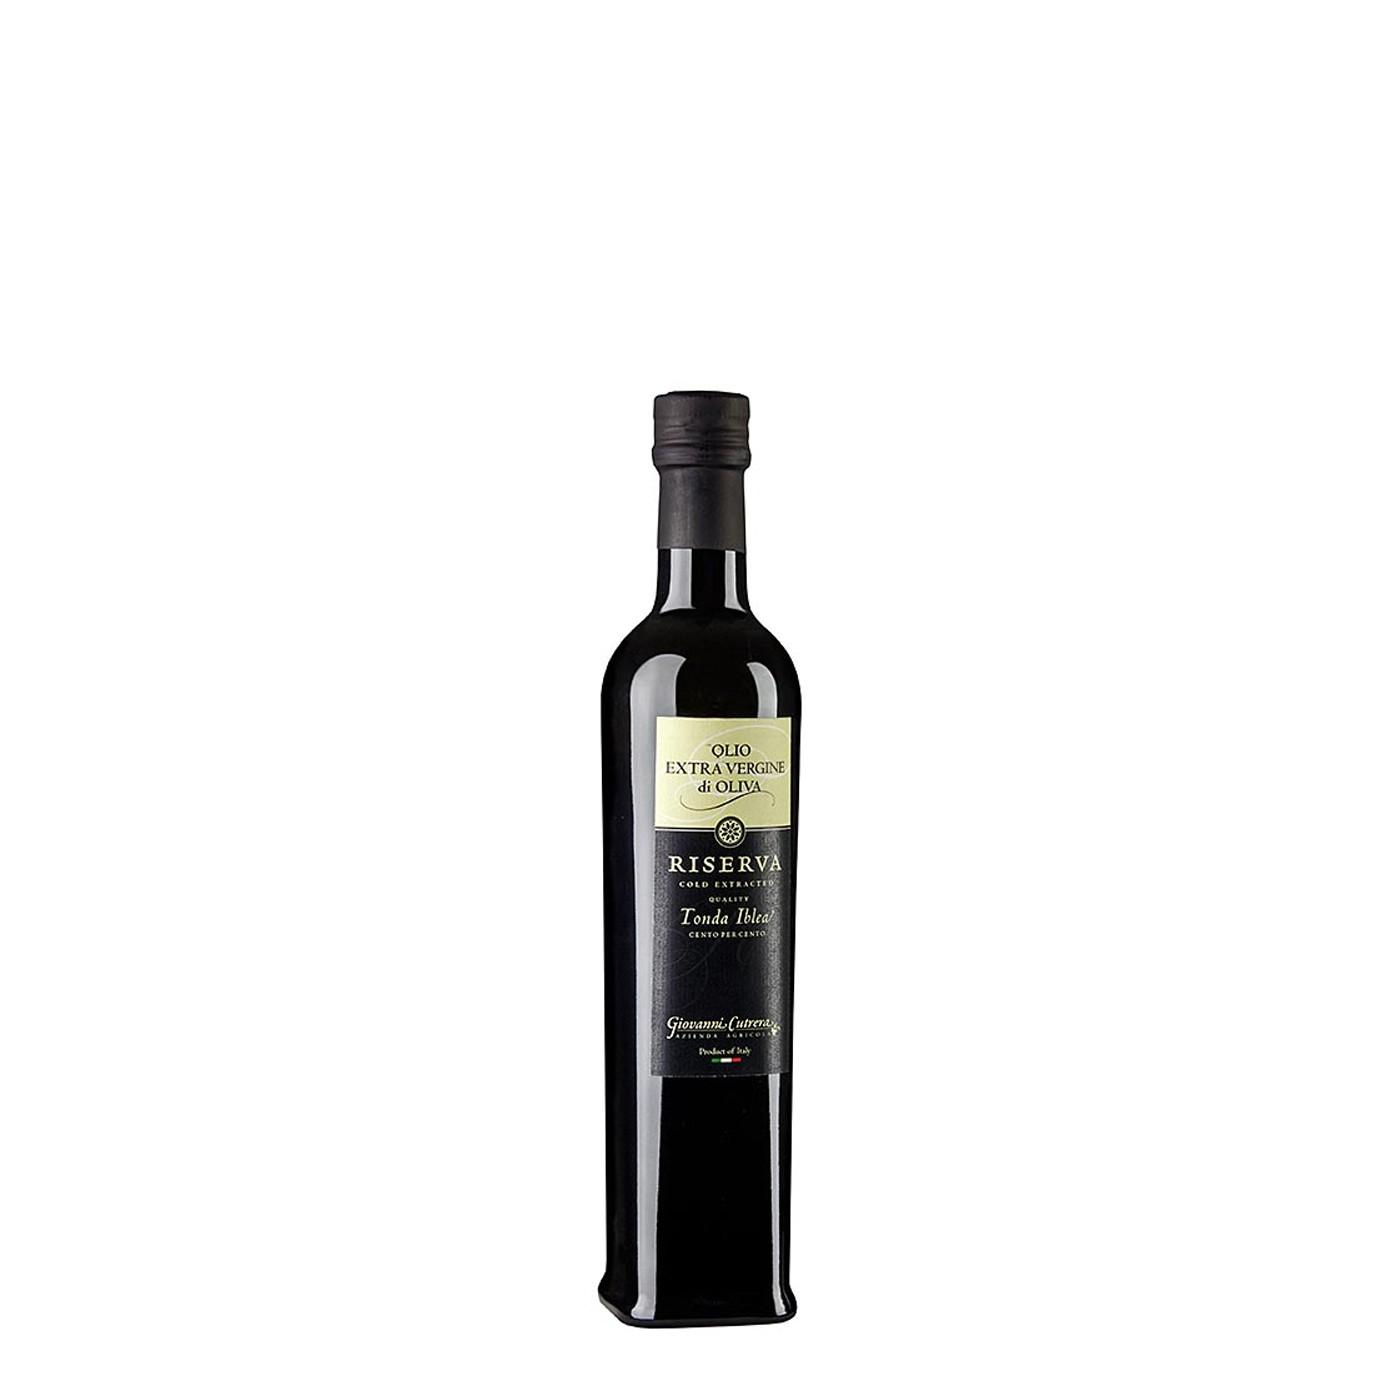 Tonda Iblea Riserva Extra Virgin Olive Oil 8.45oz